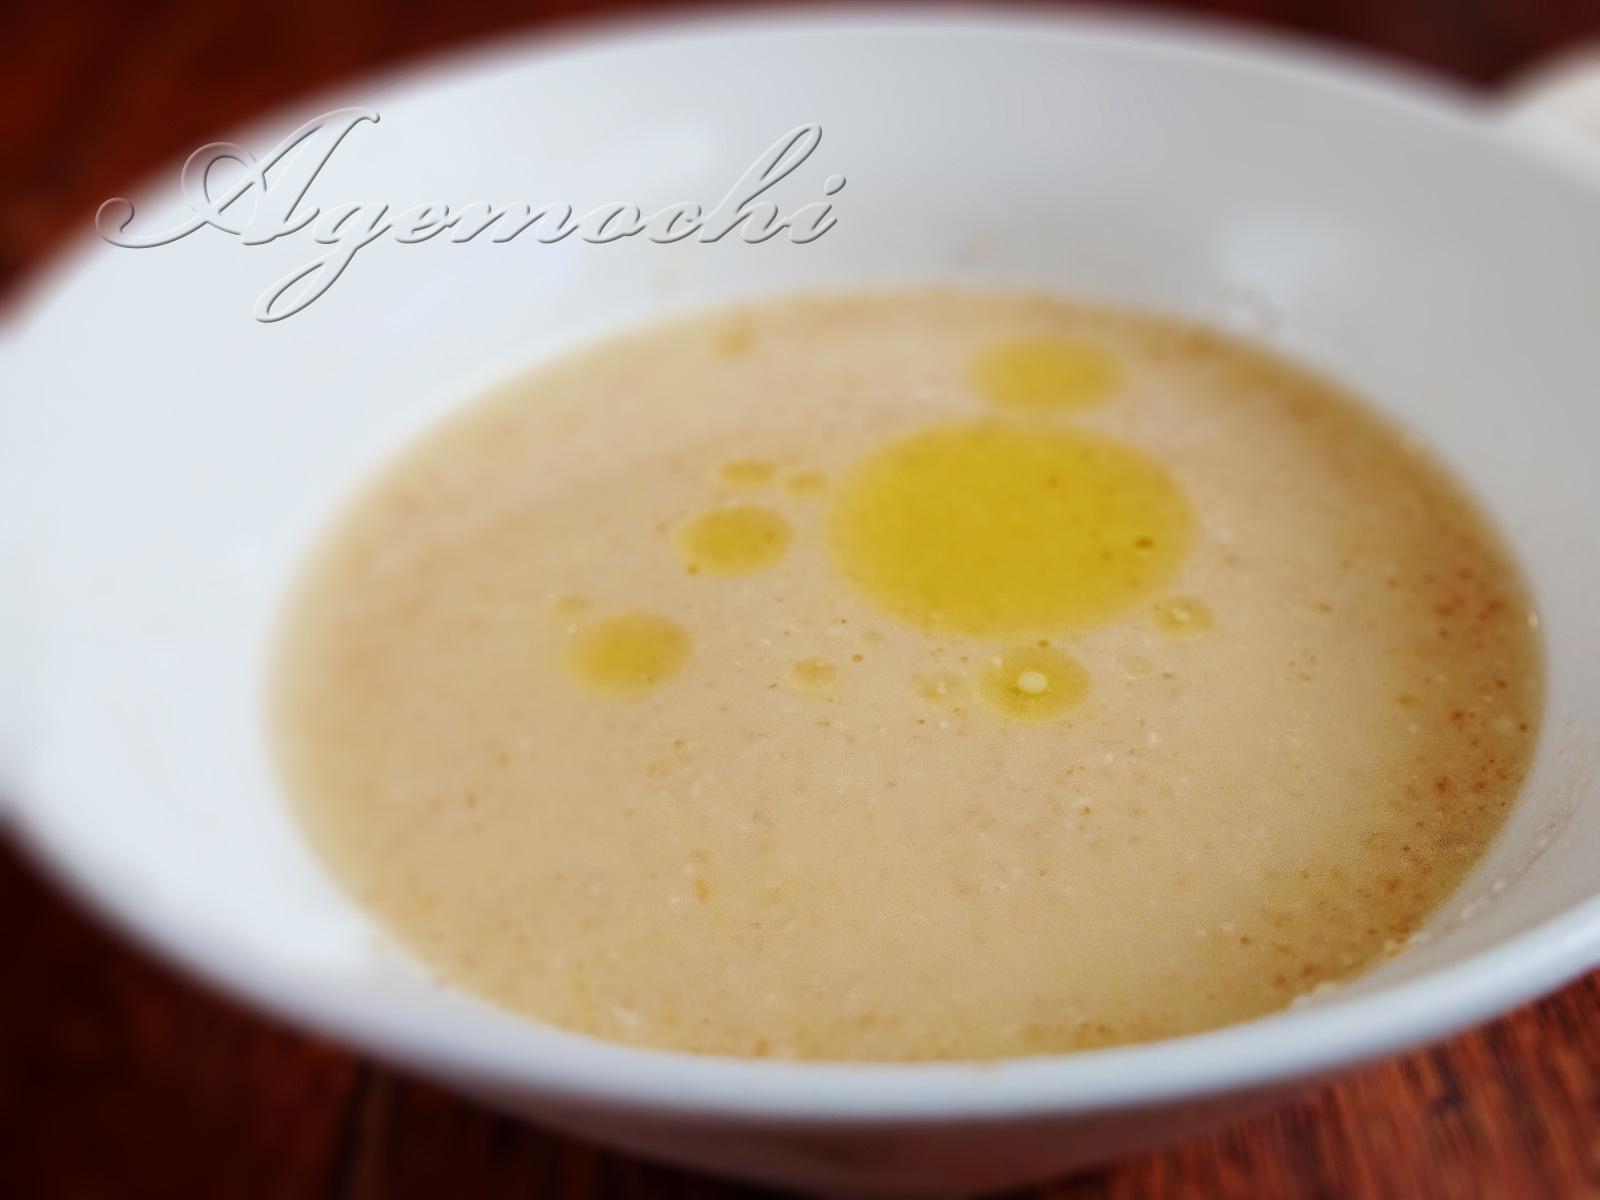 tateyoko_soup.jpg